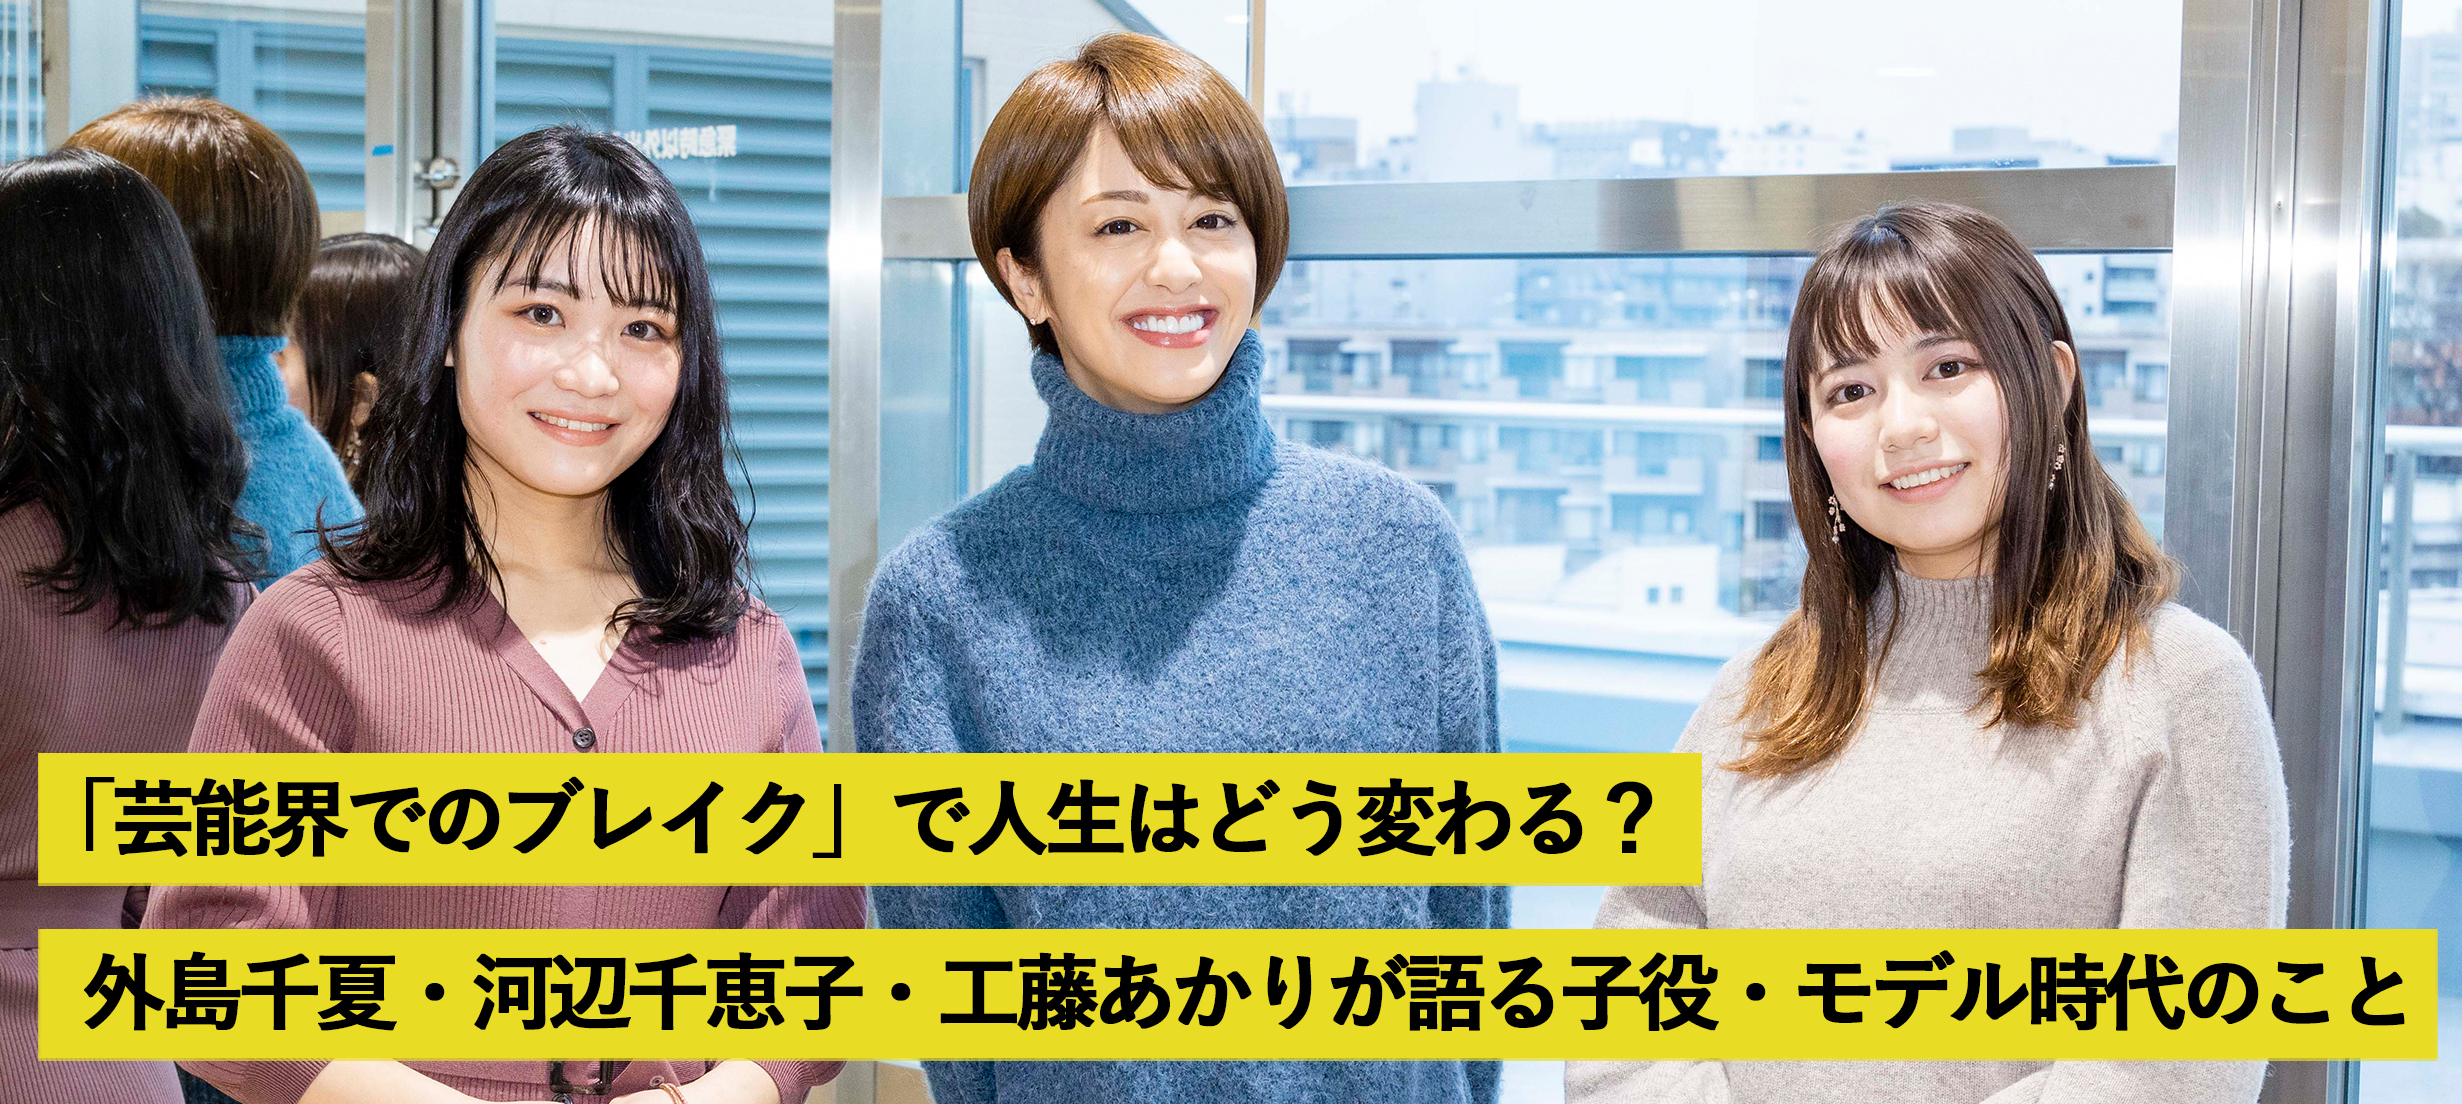 「芸能界でのブレイク」で人生はどう変わる?河辺千恵子と「クレラップ姉妹」外島千夏&工藤あかりが語る子役・モデル時代、そして現在のこと